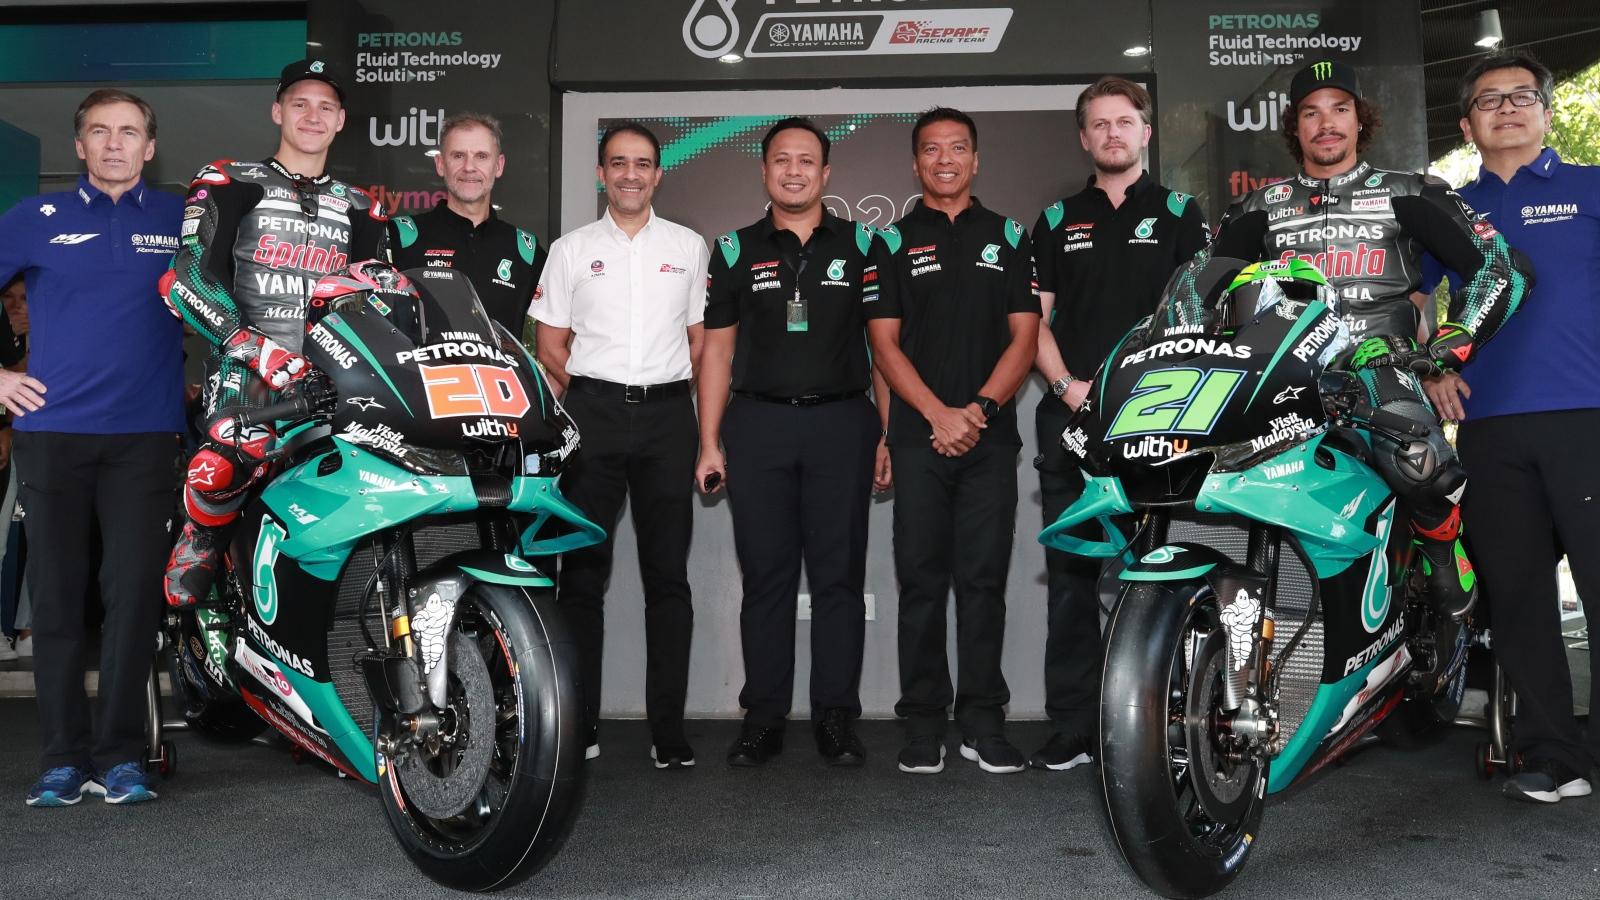 Yamaha YZR-M1 Petronas MotoGP 2020 - Fabio Quartararo & Franco Morbidelli